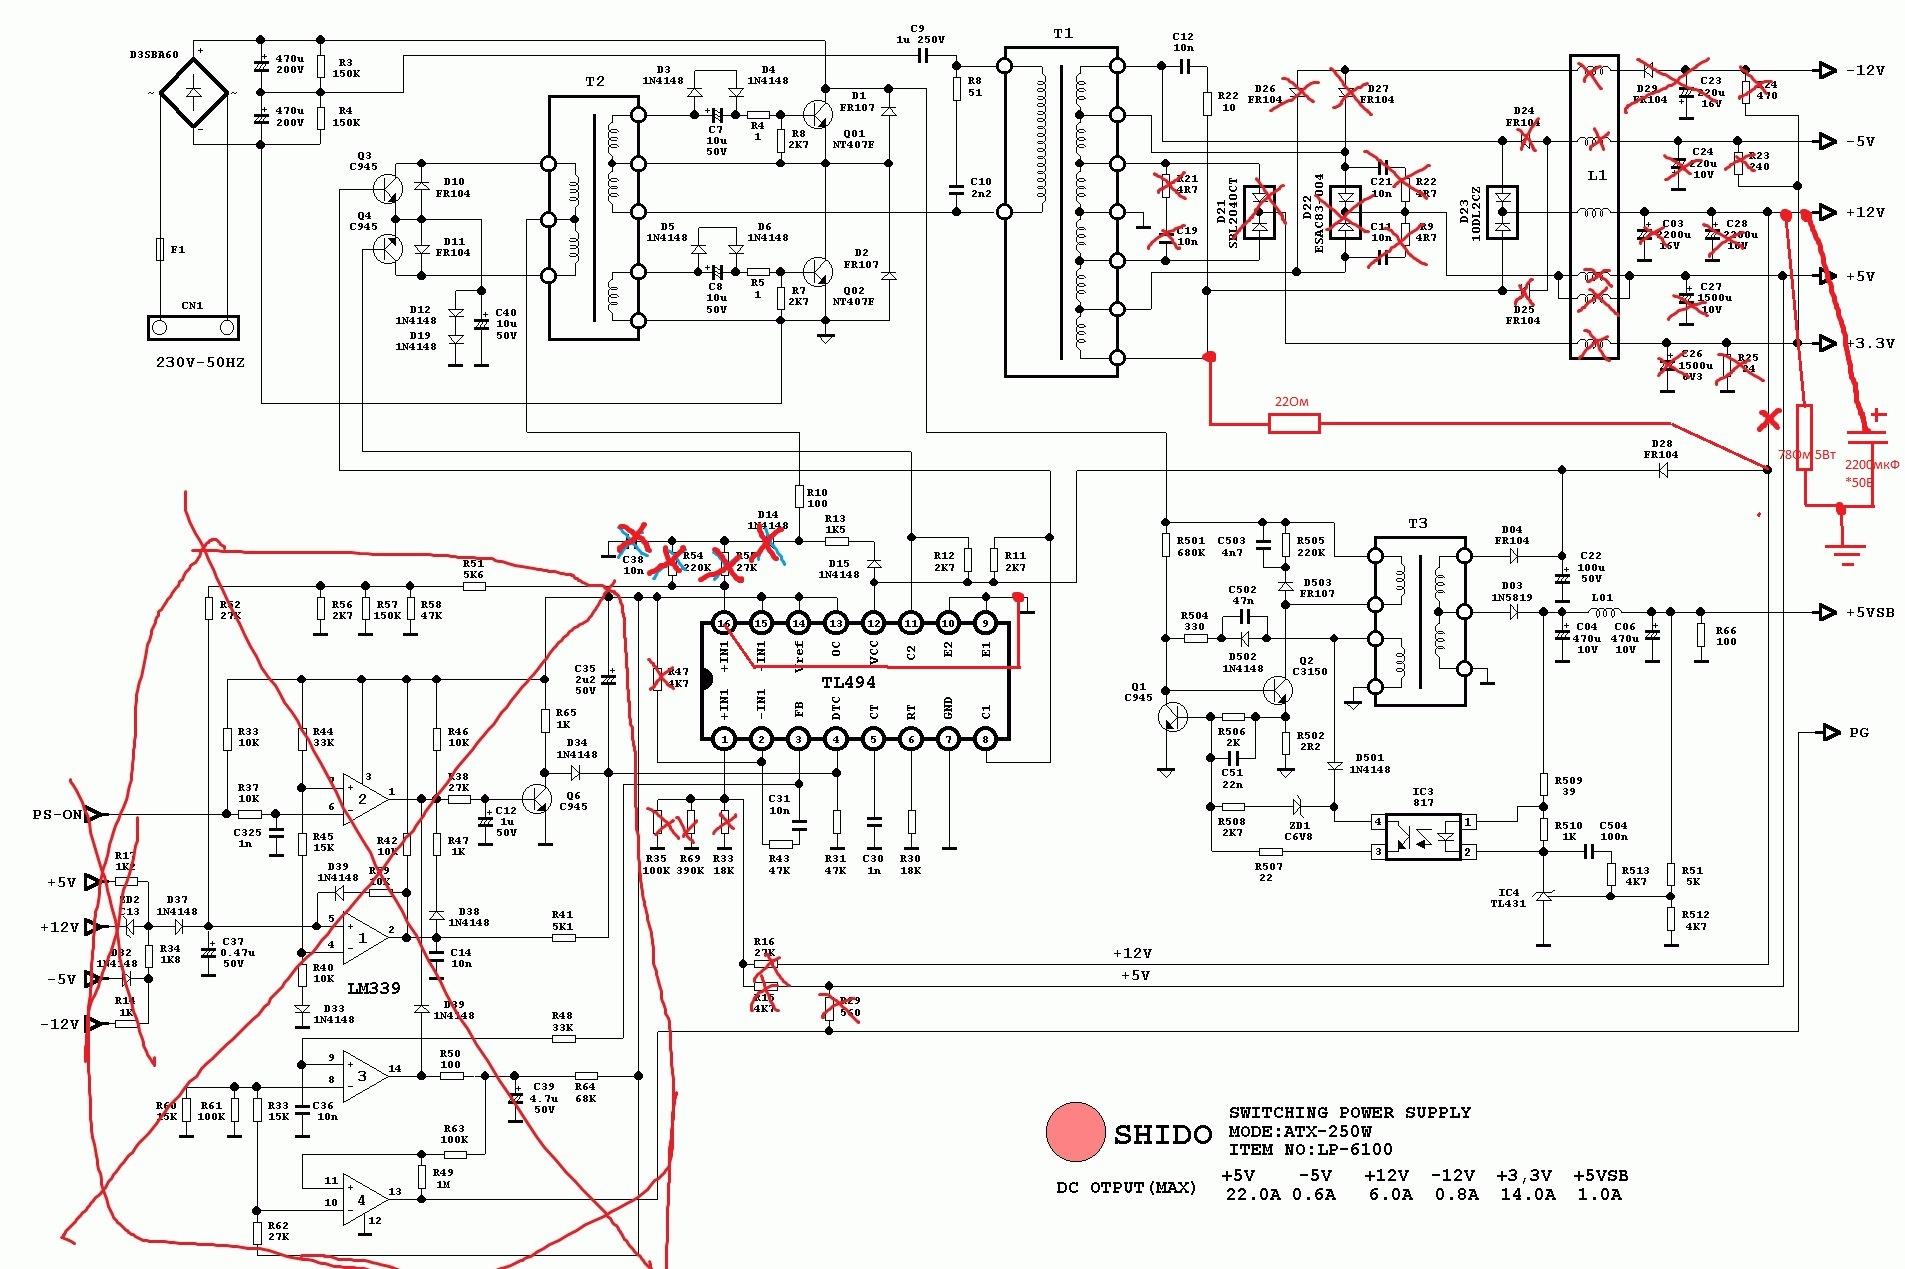 Из компьютерного блока питания - лабораторный и зарядное 11